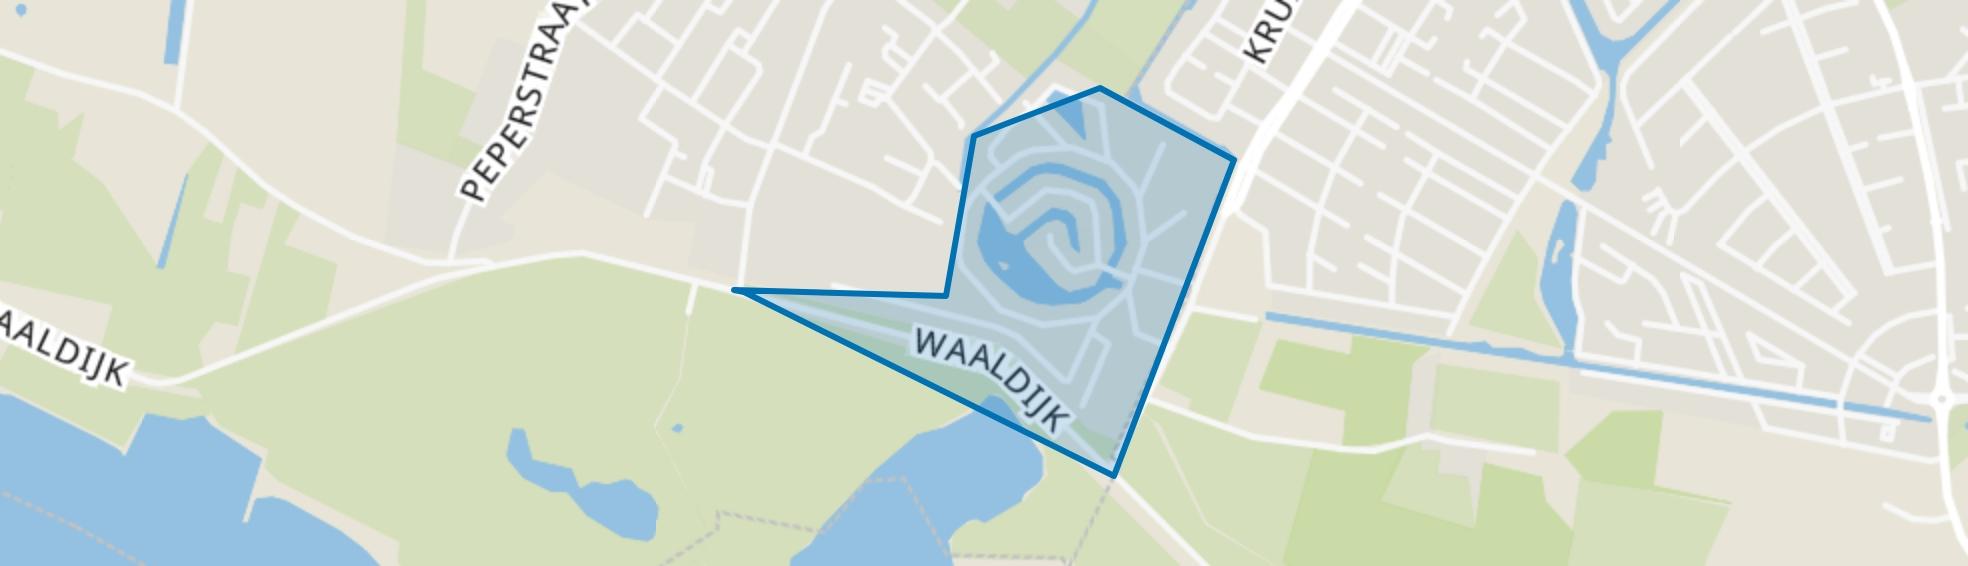 Tergouw, Oosterhout (GE) map